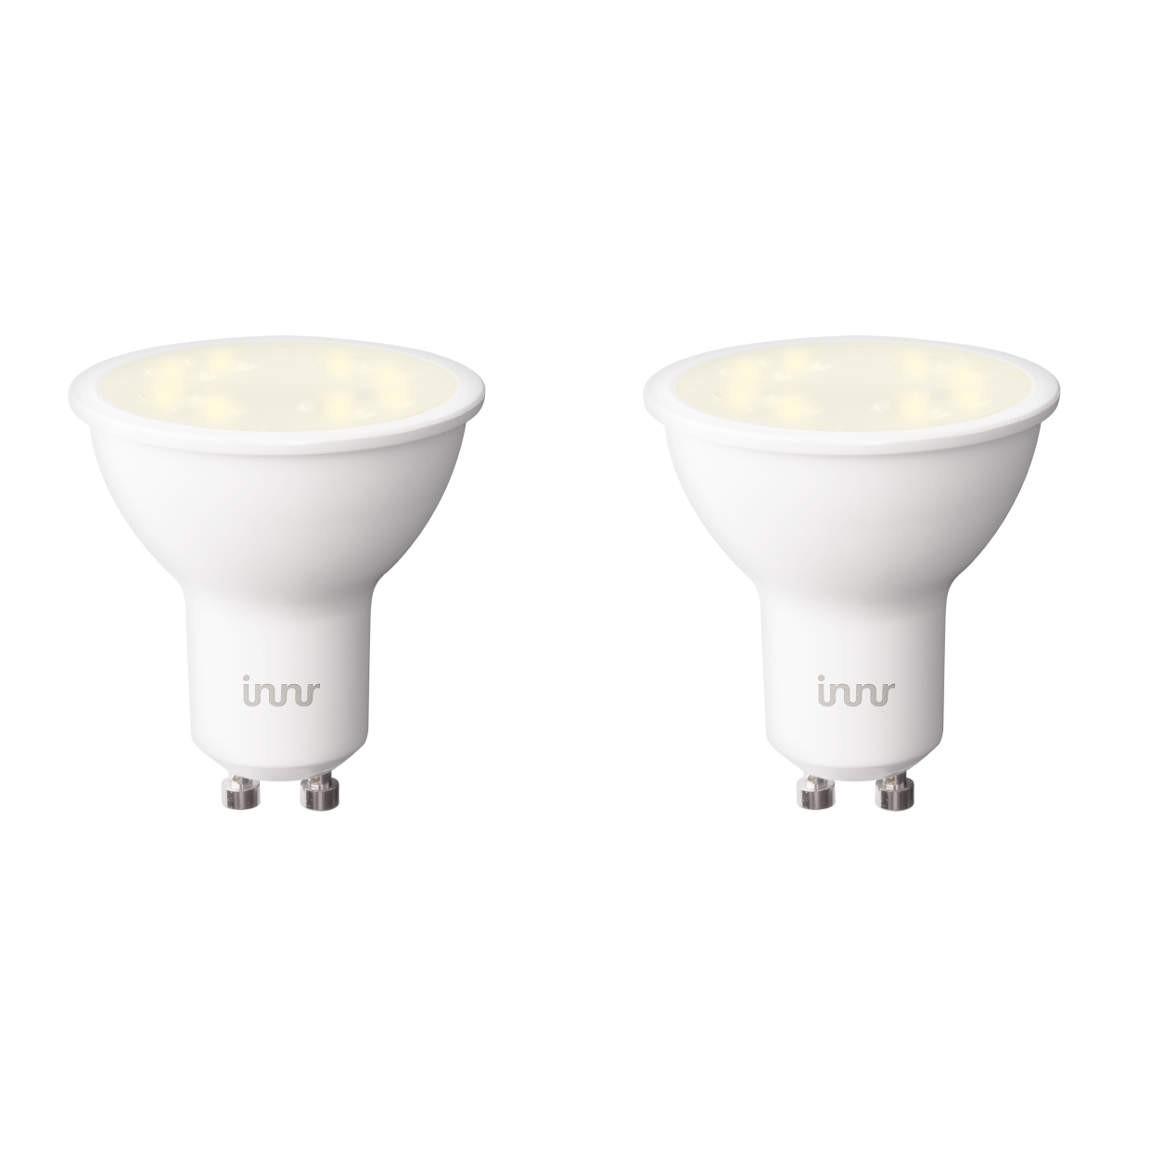 Innr Bulb RS 128 T 2er-Set - warm dimmbare GU10...